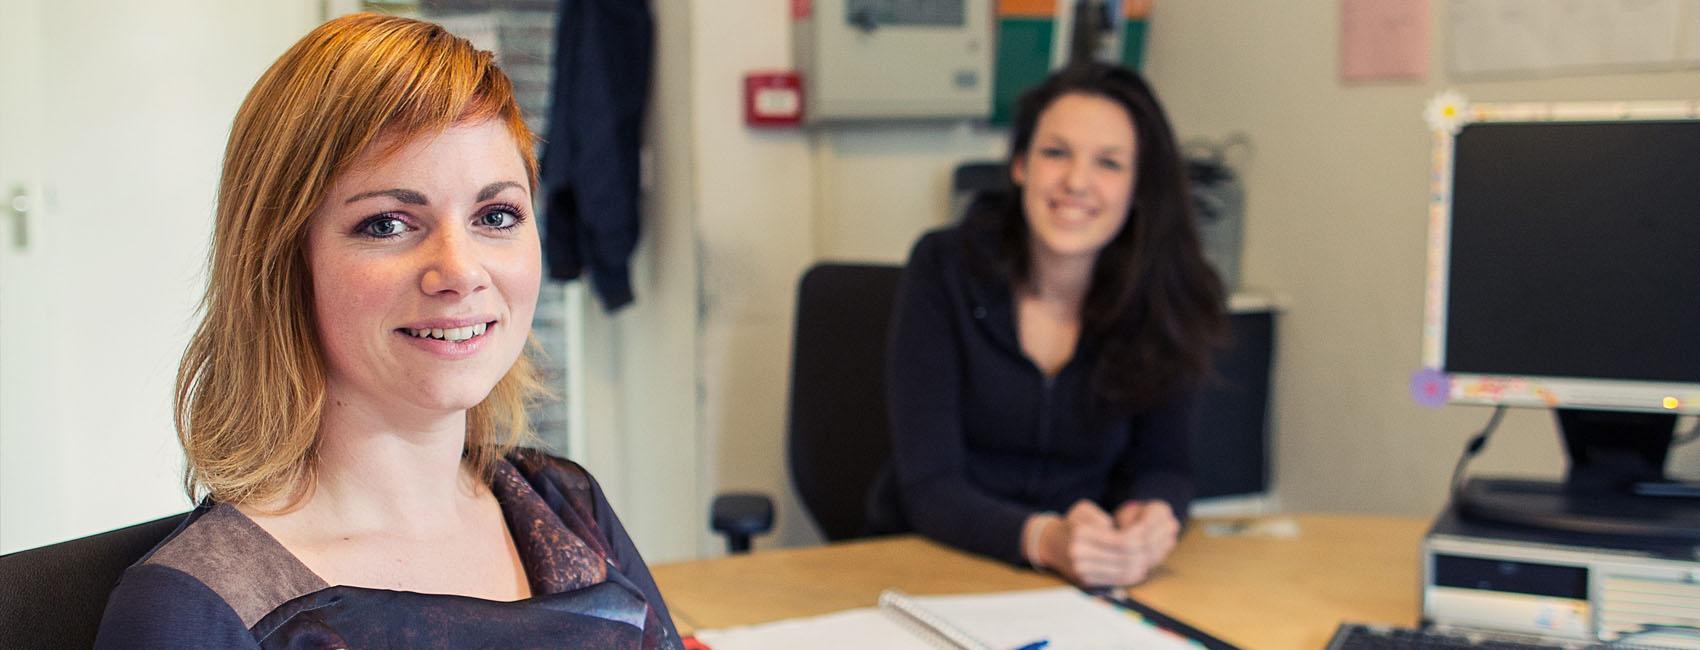 Vacatures En leren in de zorg zonder diploma Nijmegen